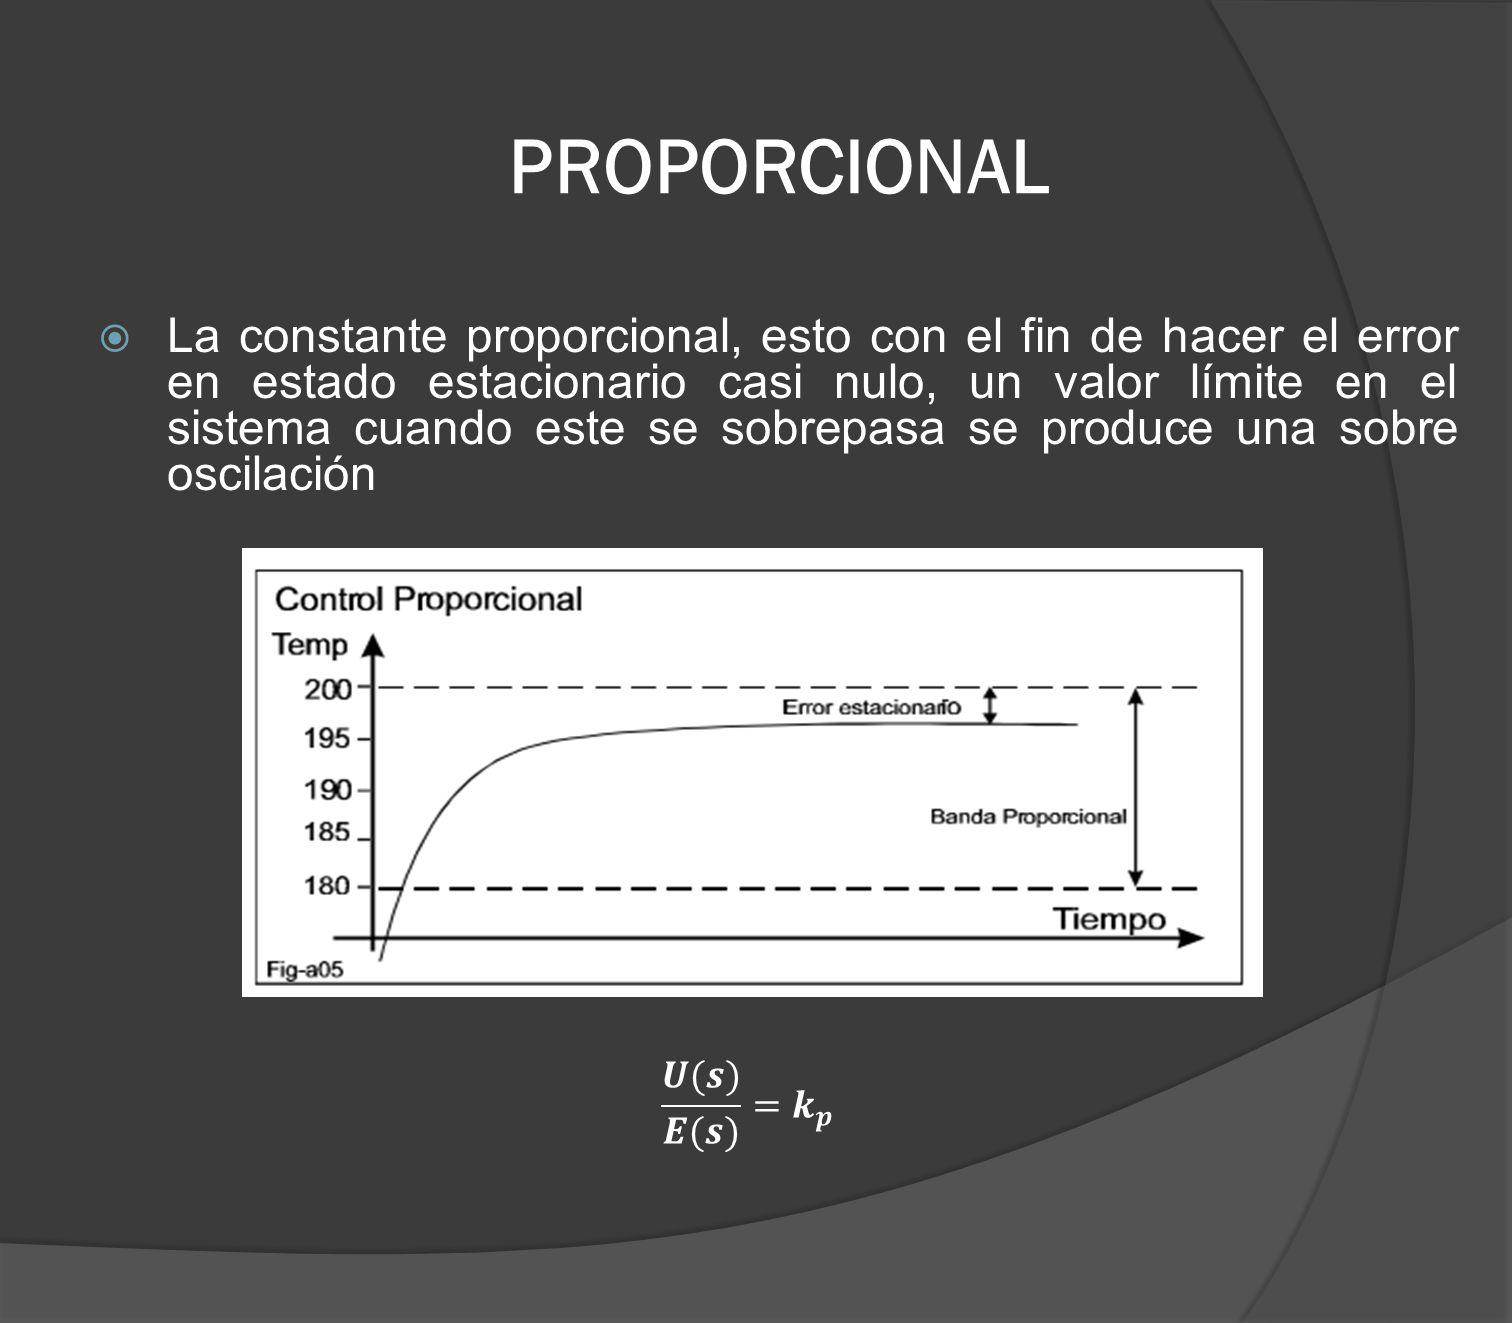 PROPORCIONAL La constante proporcional, esto con el fin de hacer el error en estado estacionario casi nulo, un valor límite en el sistema cuando este